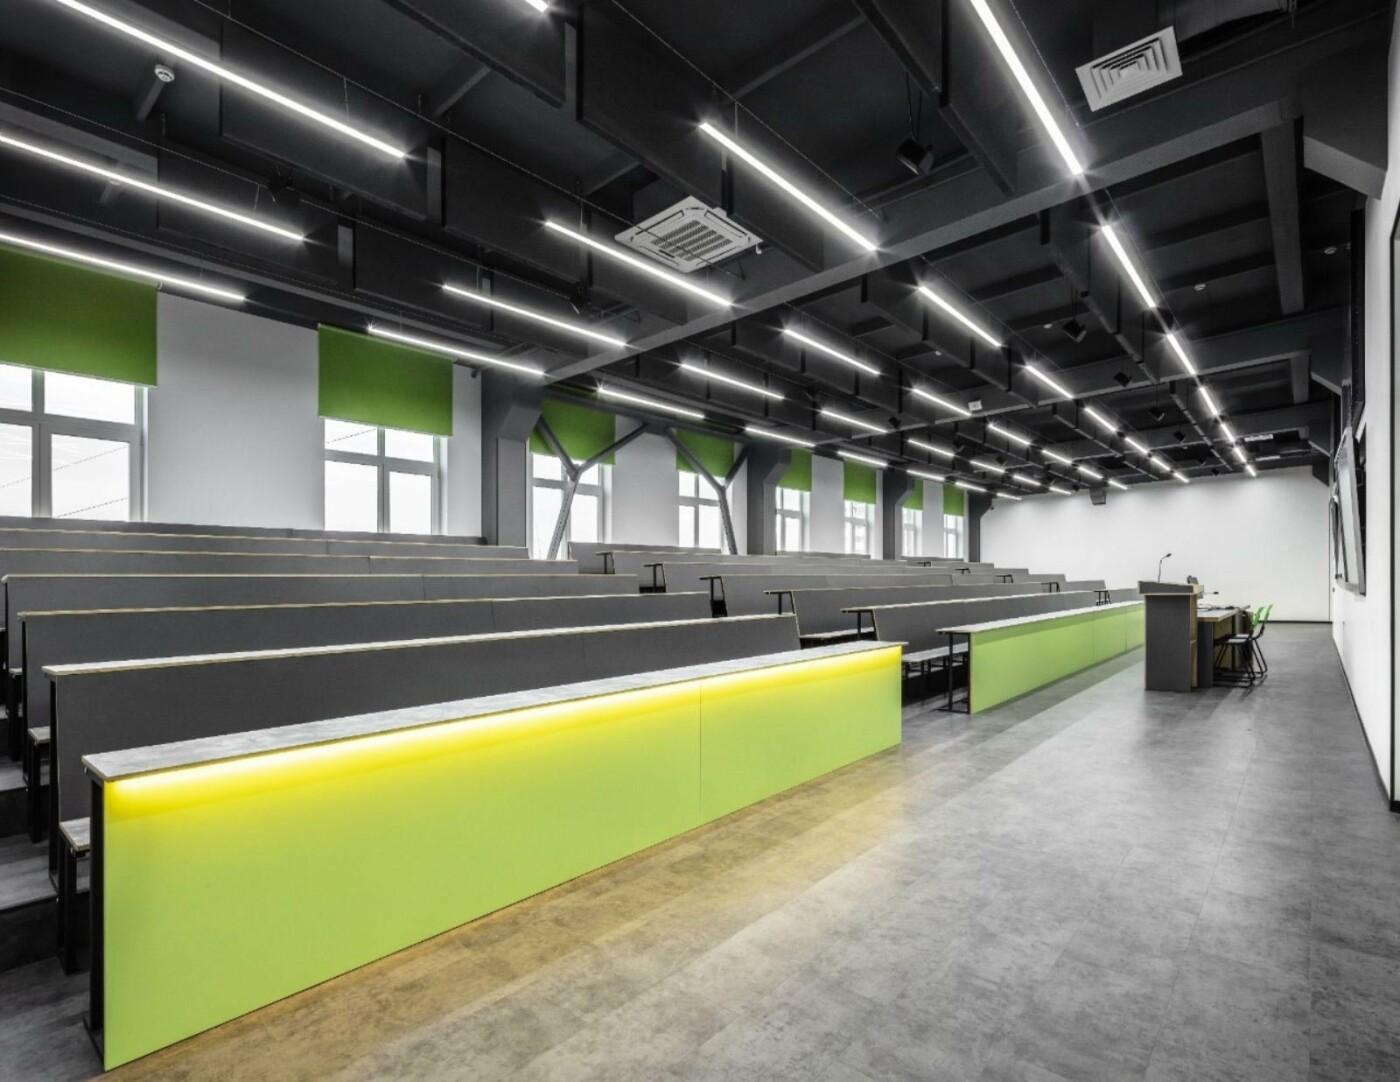 Стильная, яркая и индивидуальная мебель в стиле Loft от компании Lux-m для учебного заведения, фото-2